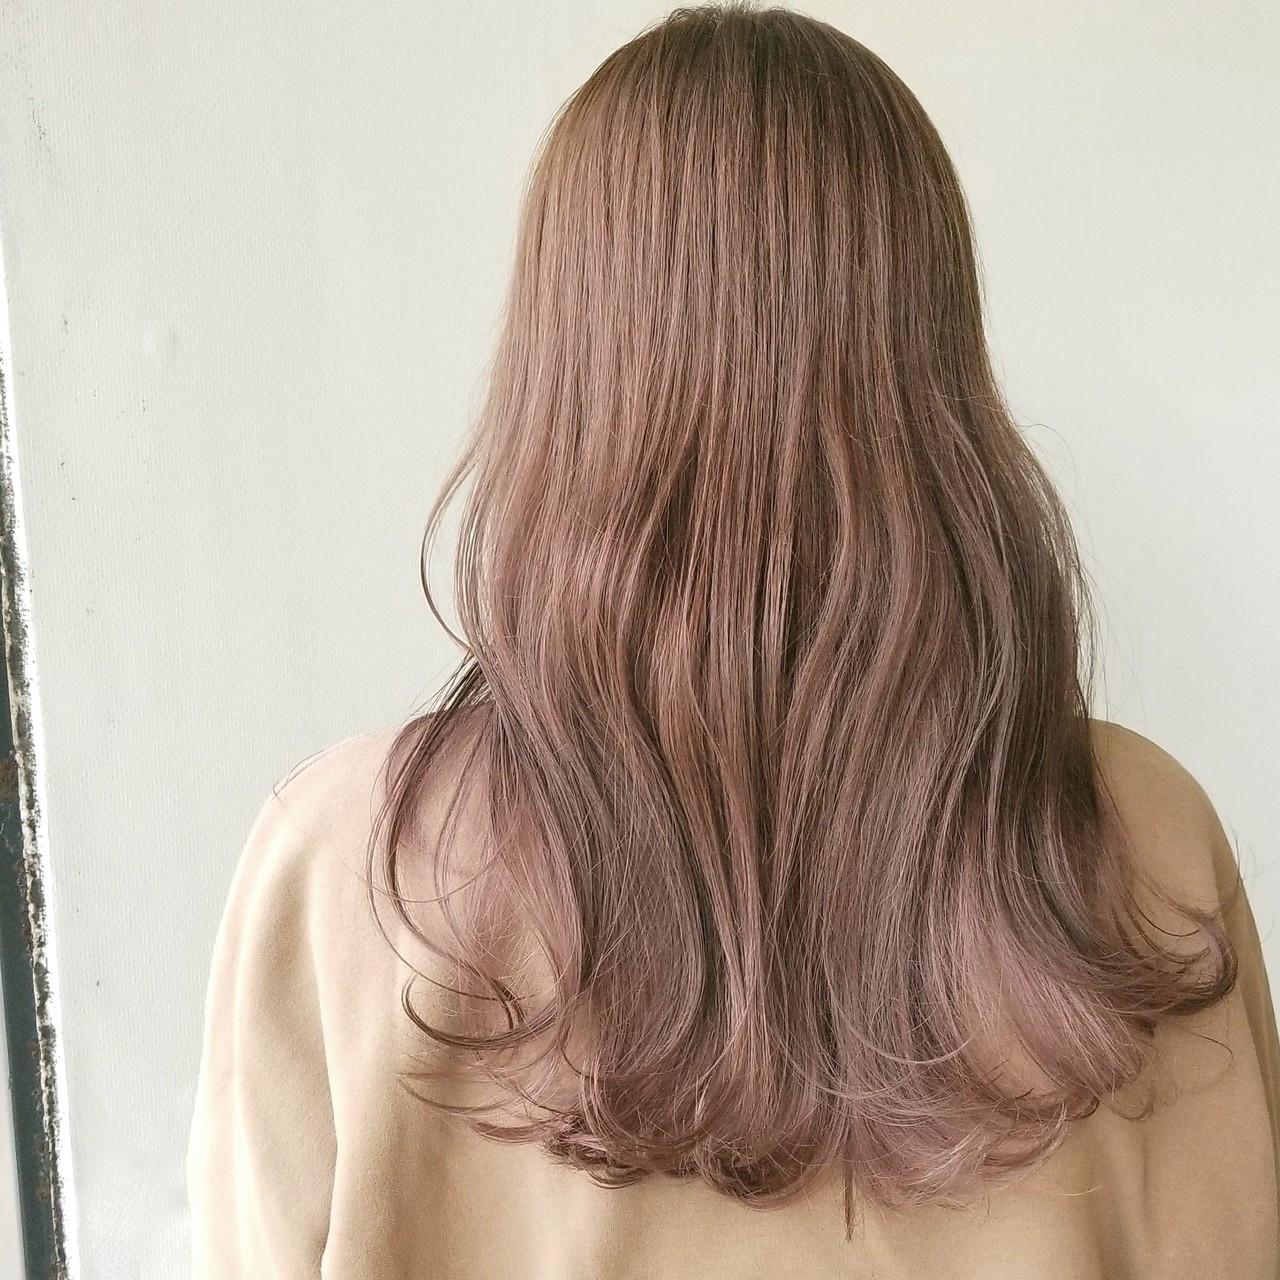 透明感カラー コーラルピンク 大人ロング ロング ヘアスタイルや髪型の写真・画像